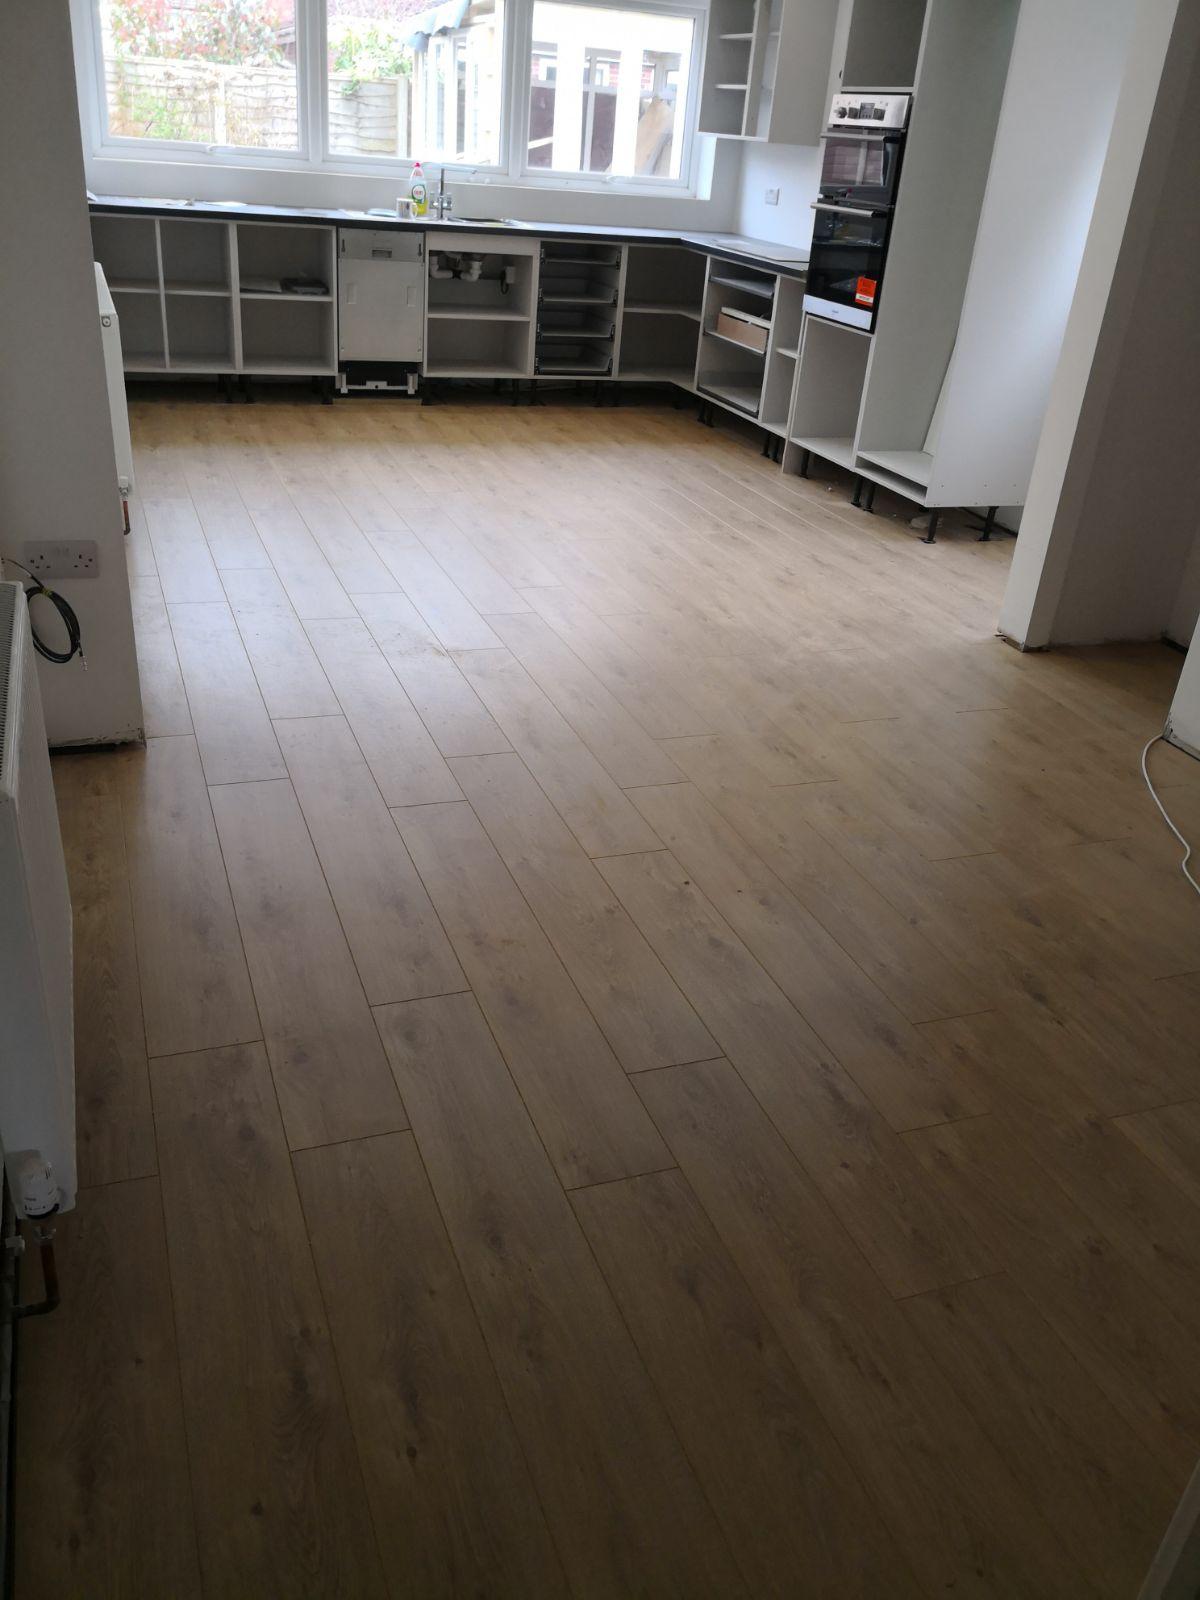 Underfloor Heating Carpet >> Kitchen - Dining Area - Laminate Floor Installation | The ...